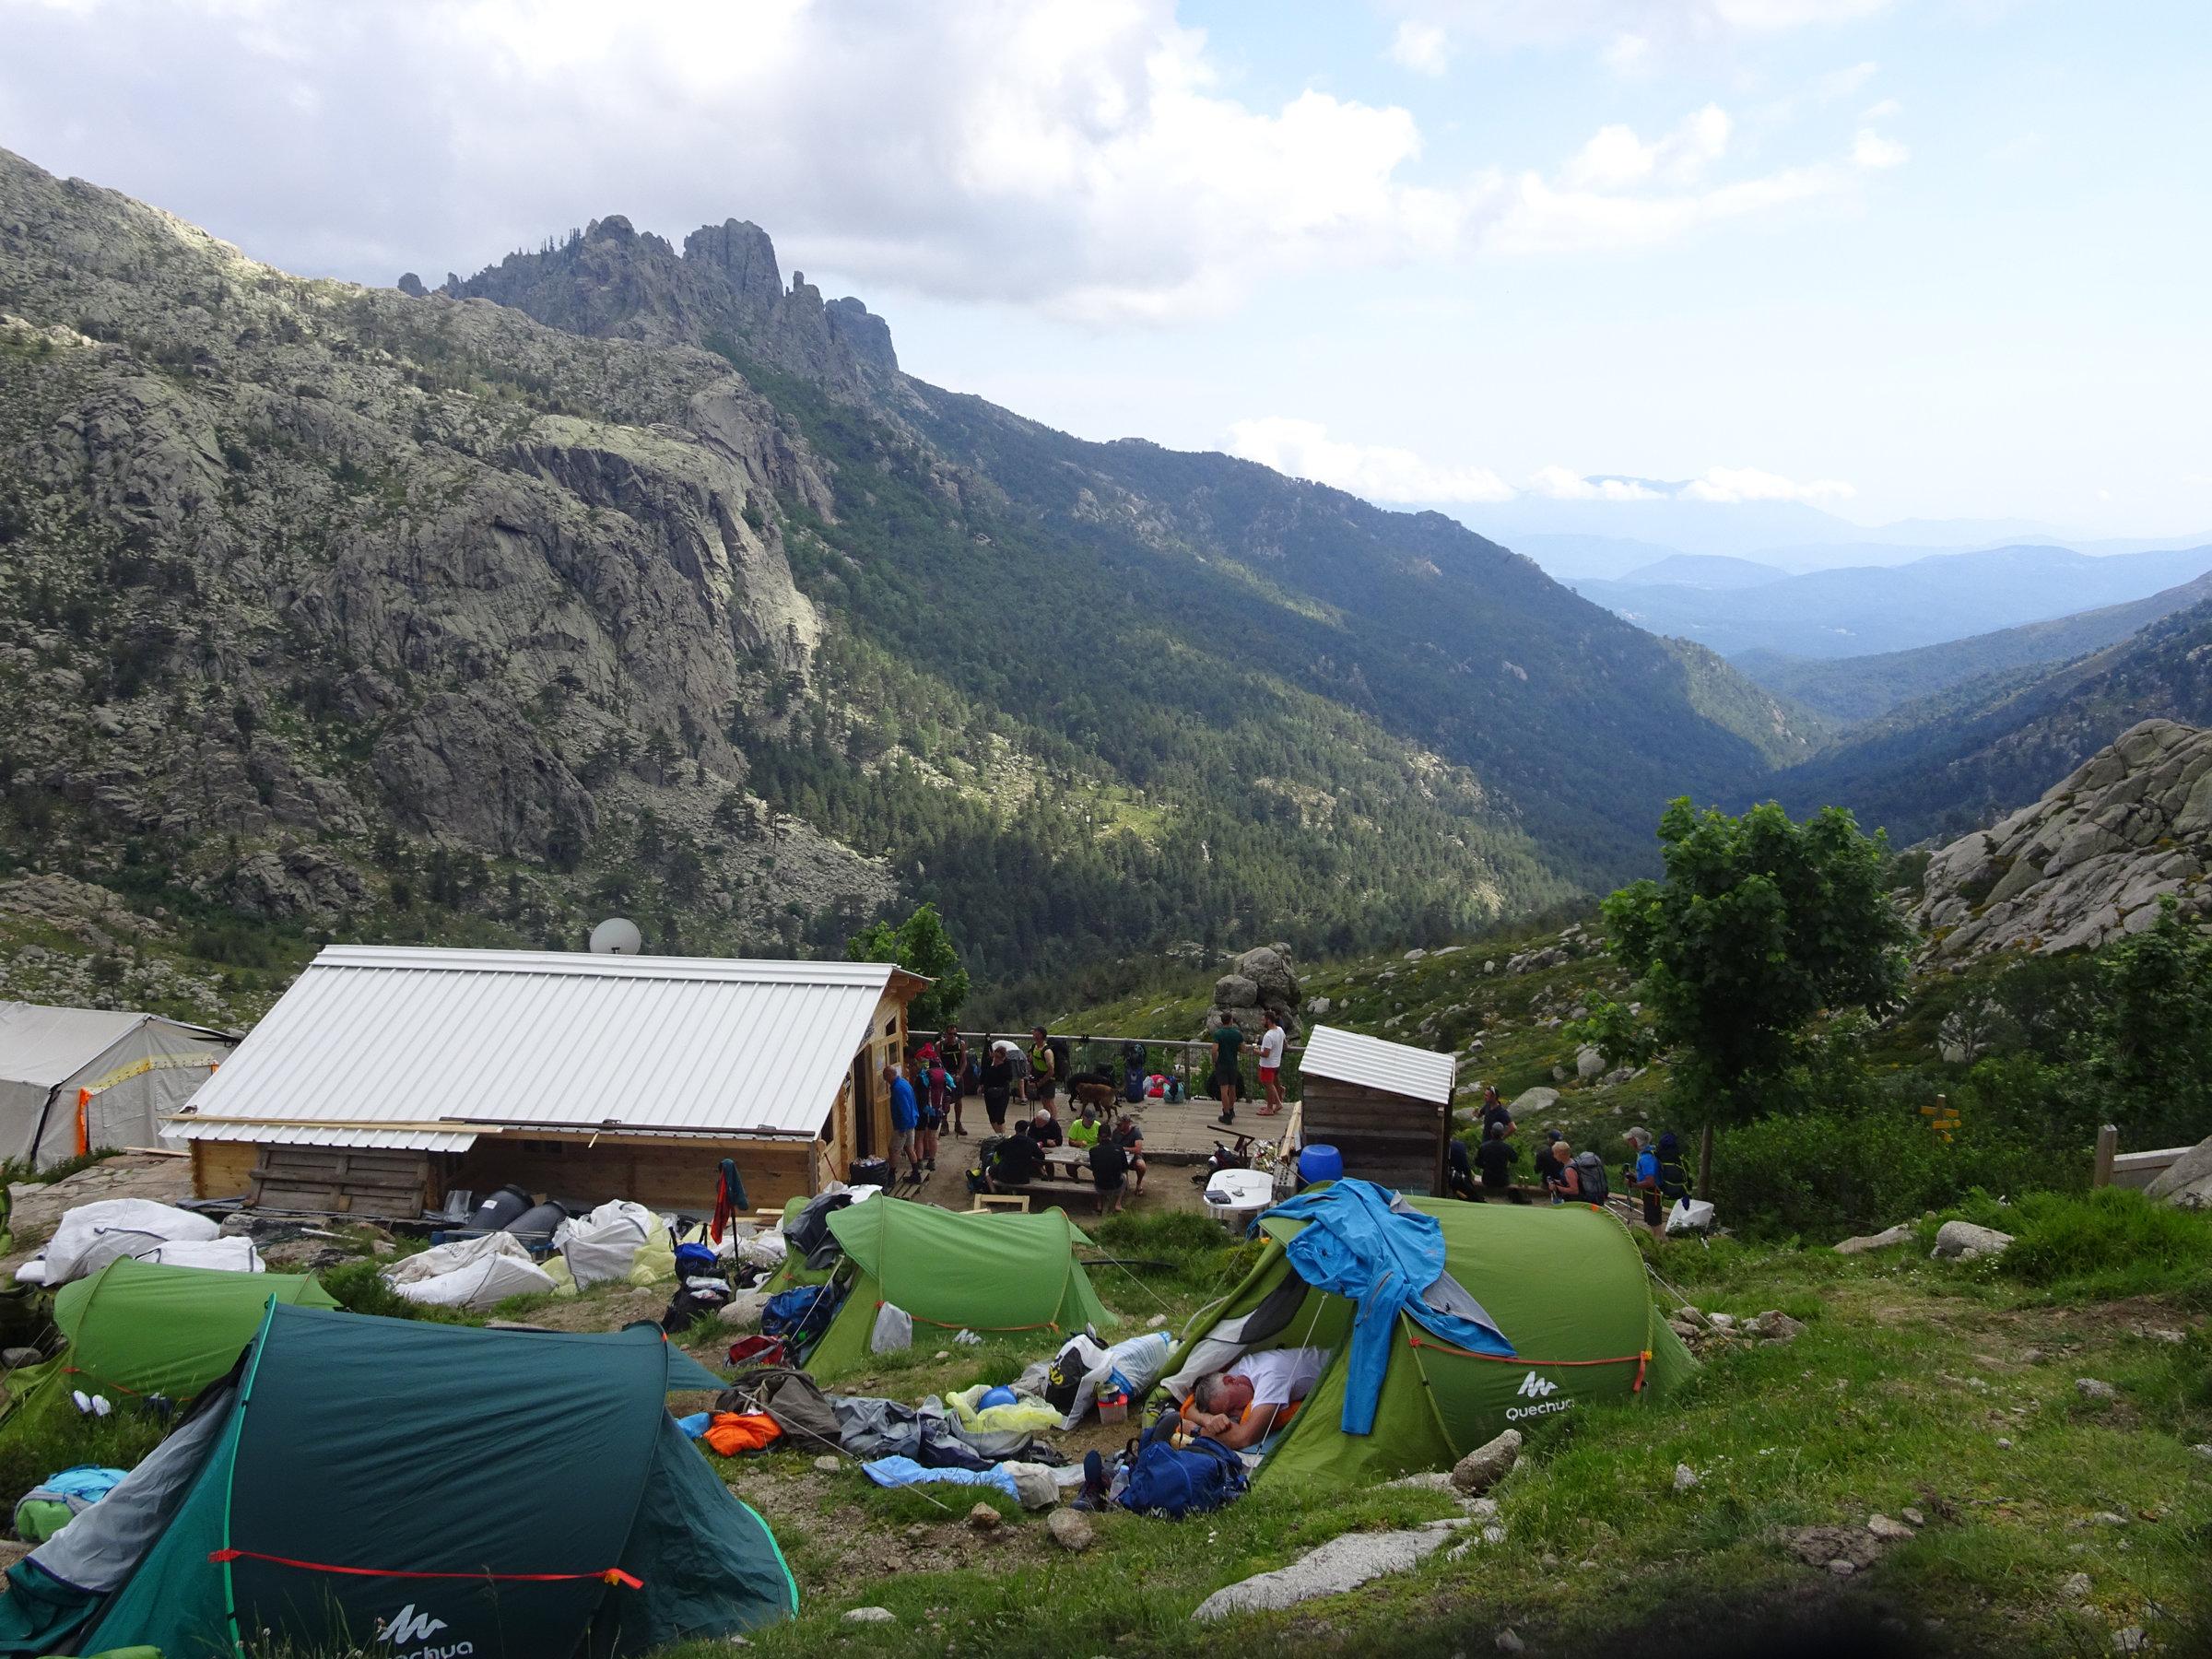 Refuge d'Asinau mit Blick auf die Aiguilles de Bavella, Korsika, GR20 Weitwanderweg, Wandern, Berge, Frankreich